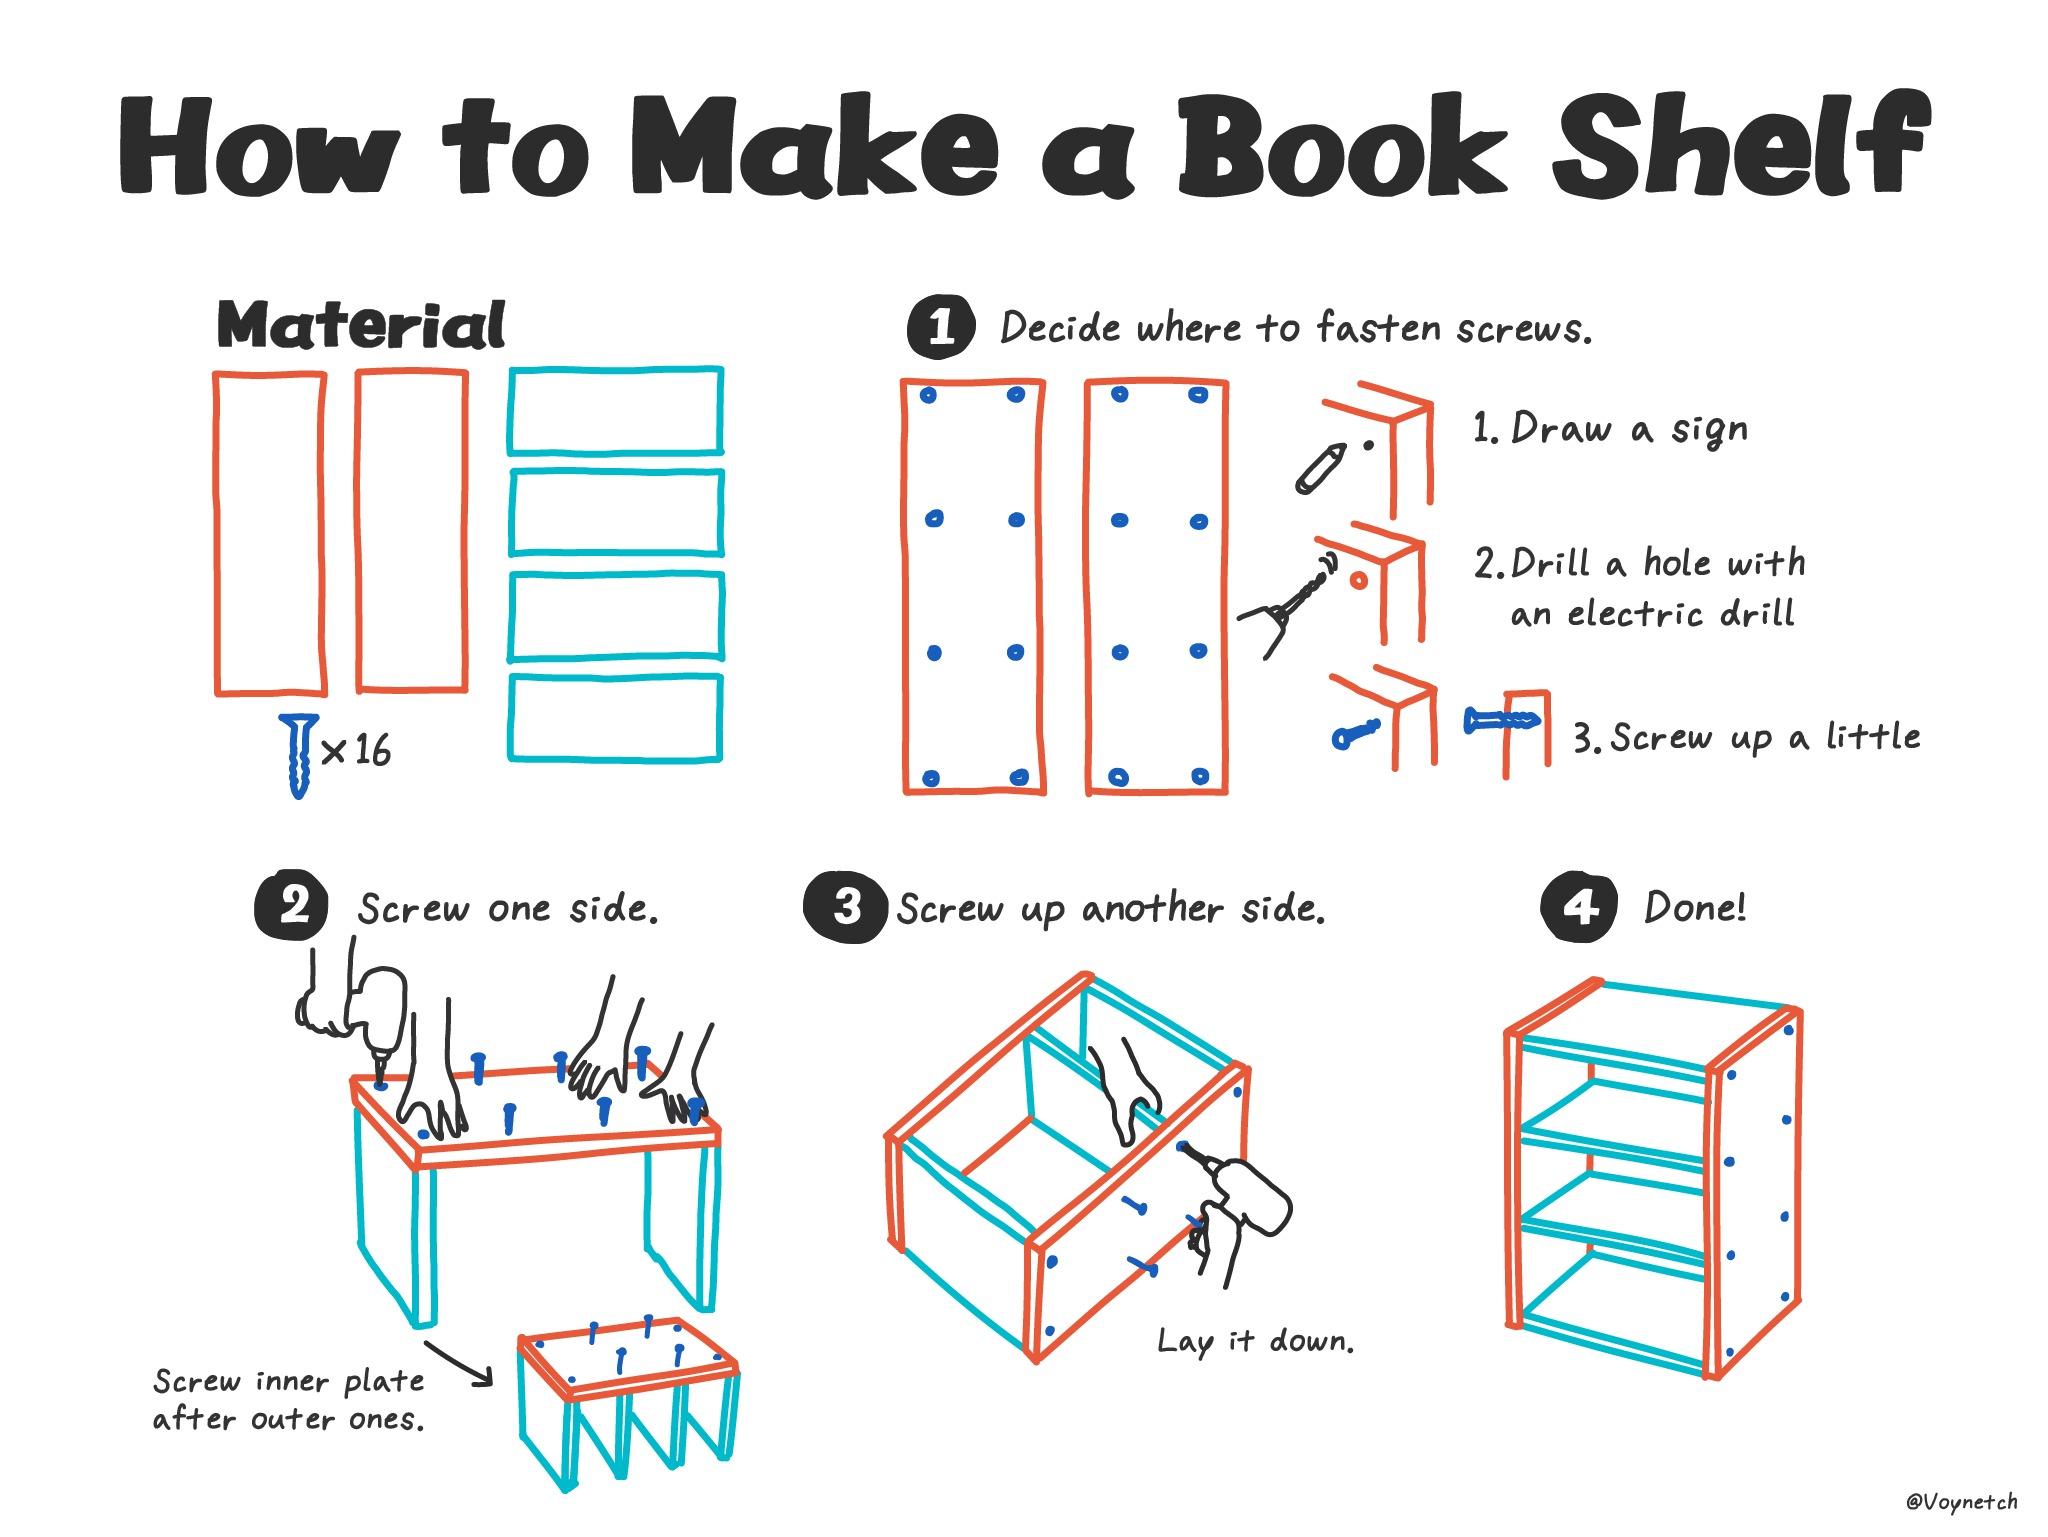 How to Make a Book Shelf Image